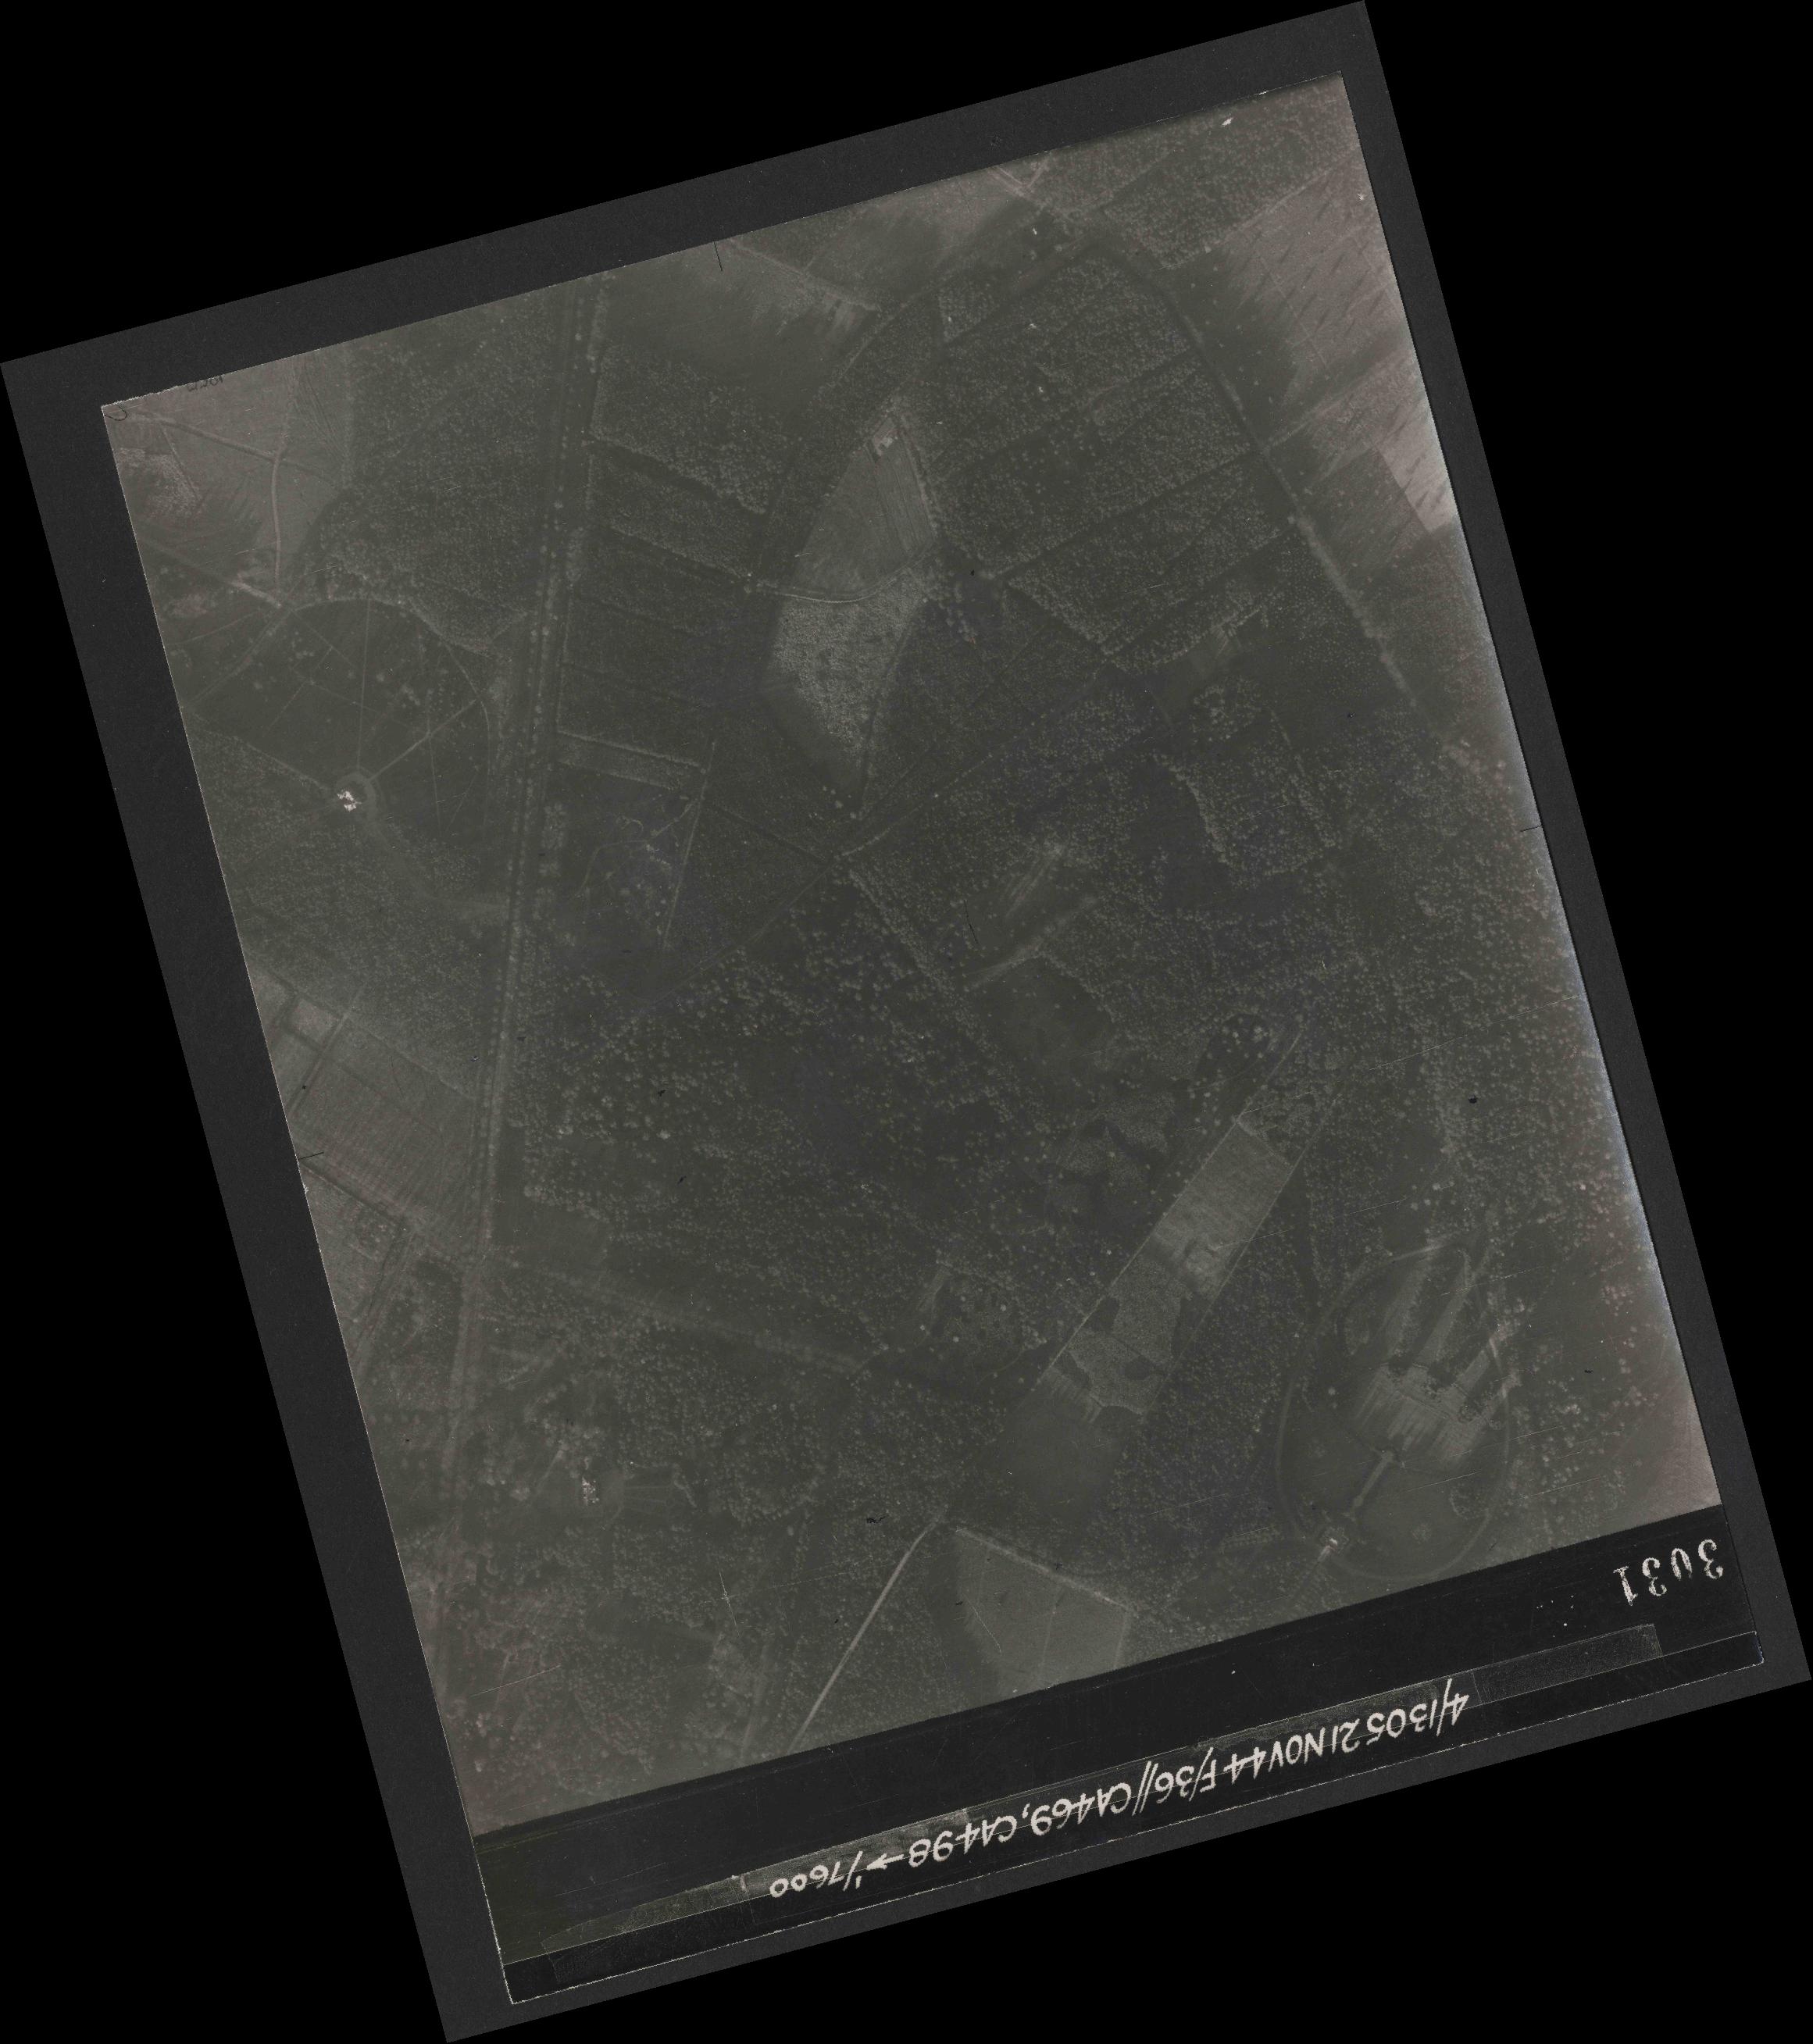 Collection RAF aerial photos 1940-1945 - flight 237, run 20, photo 3031